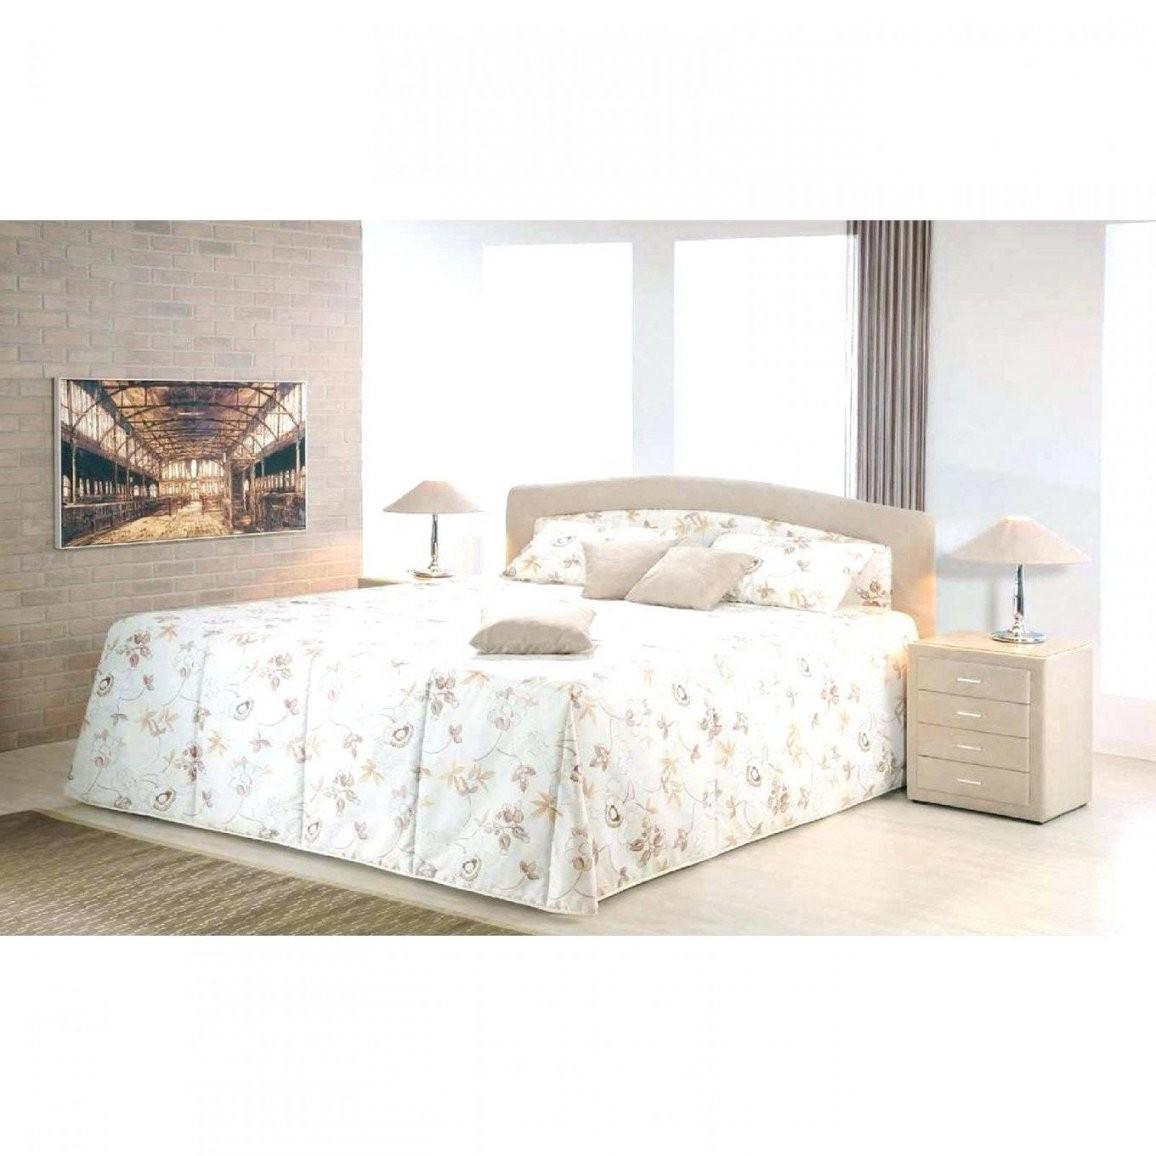 Tagesdecken Fur Betten In Beigefarben Tagesdecke Bett Ubergrosse Von von Tagesdecke Bett 200X200 Photo